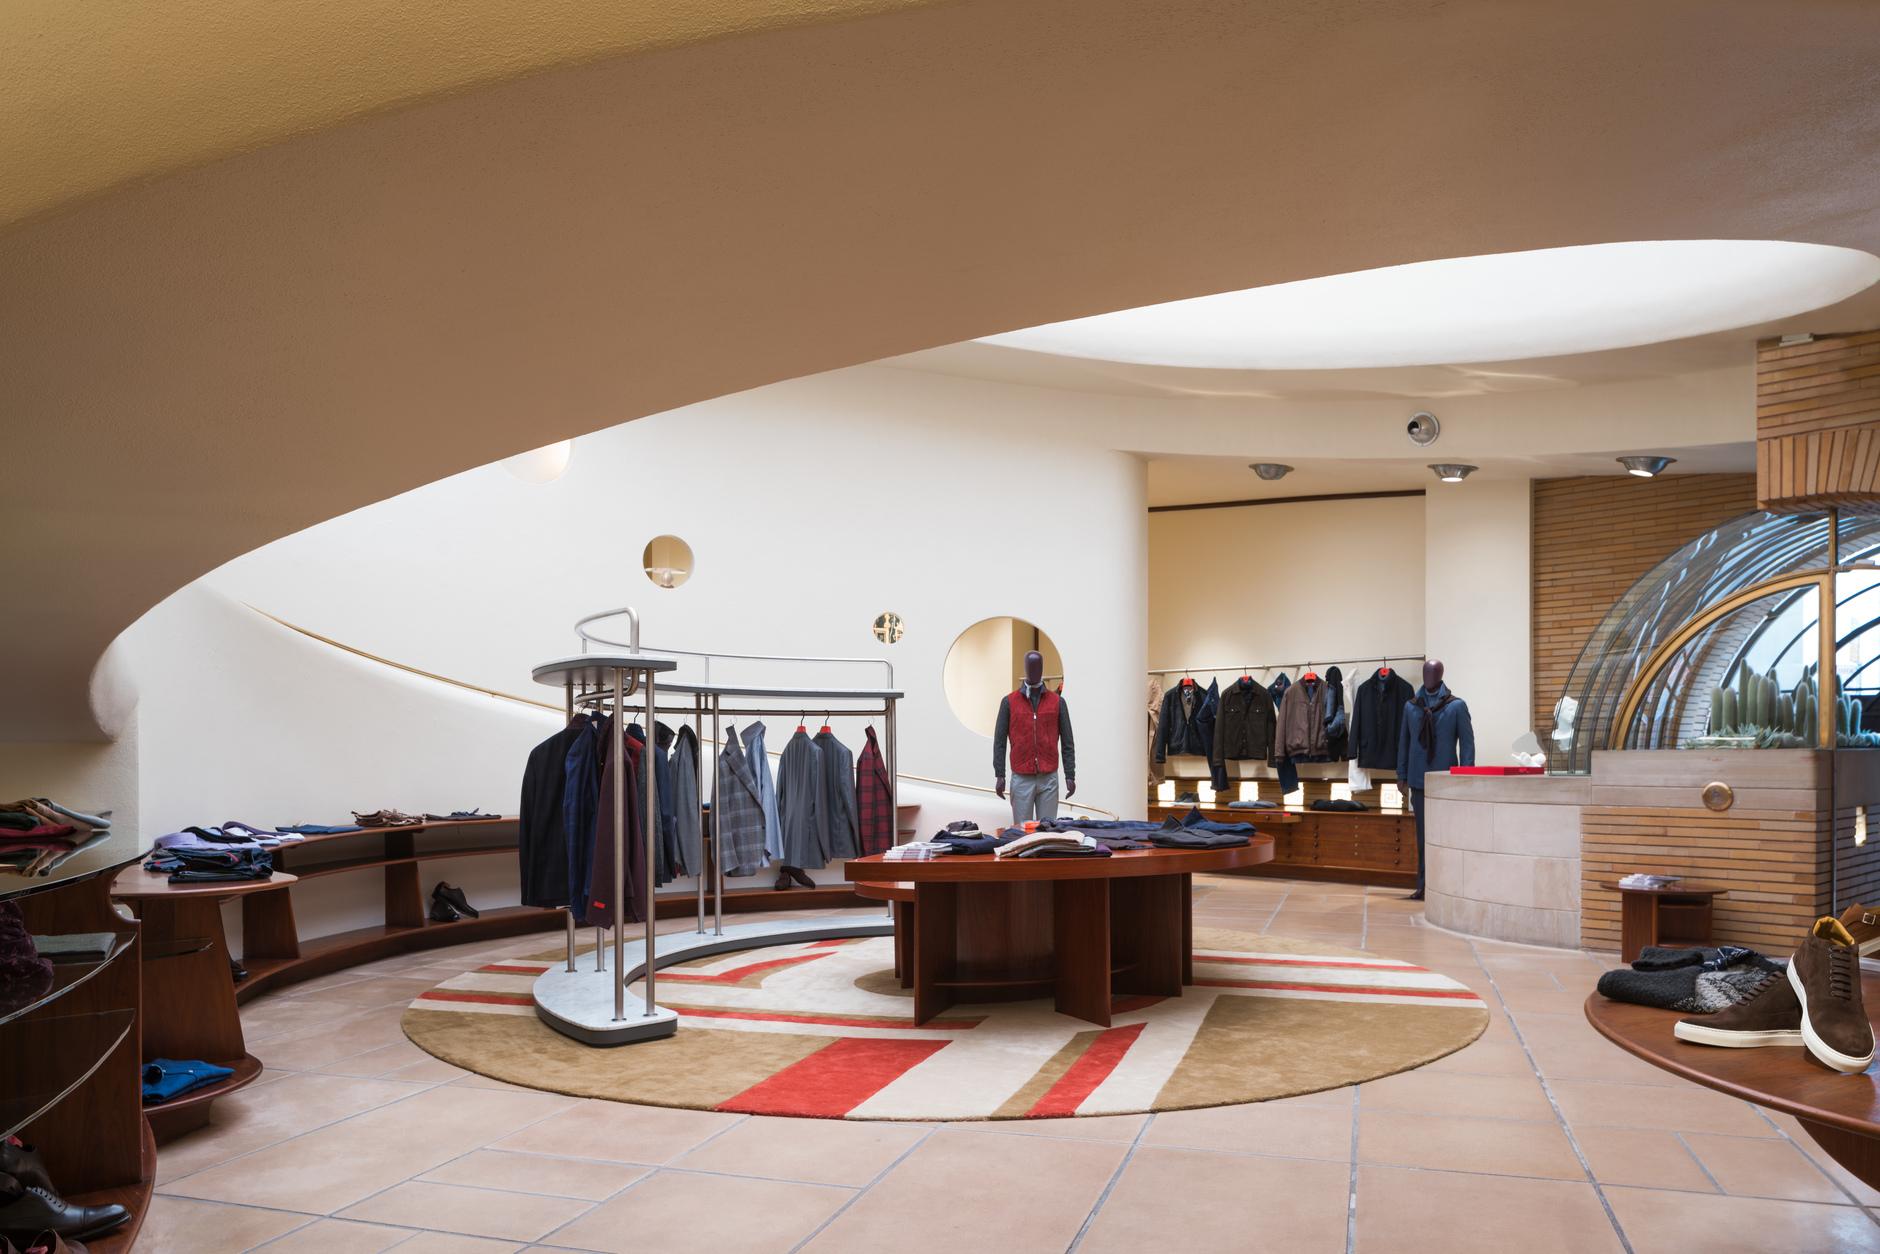 Мода и архитектура: бутик Isaia в здании Фрэнка Ллойда Райта (галерея 4, фото 4)